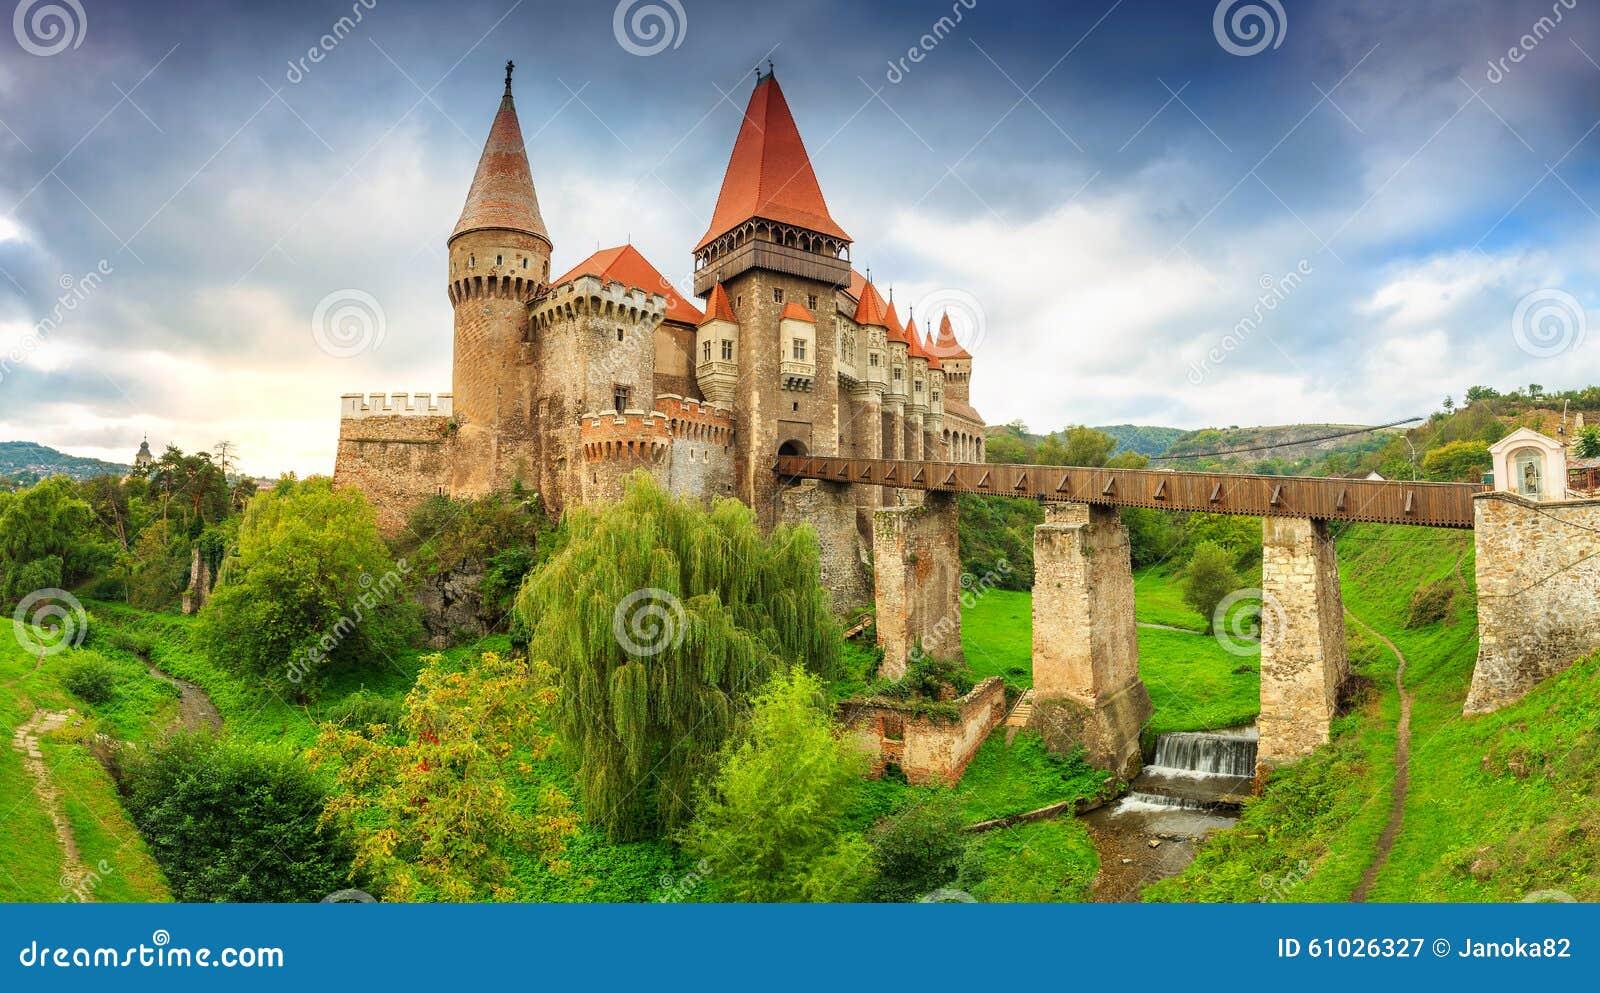 Il castello famoso di corvin con il cielo nuvoloso, Hunedoara, la Transilvania, Romania